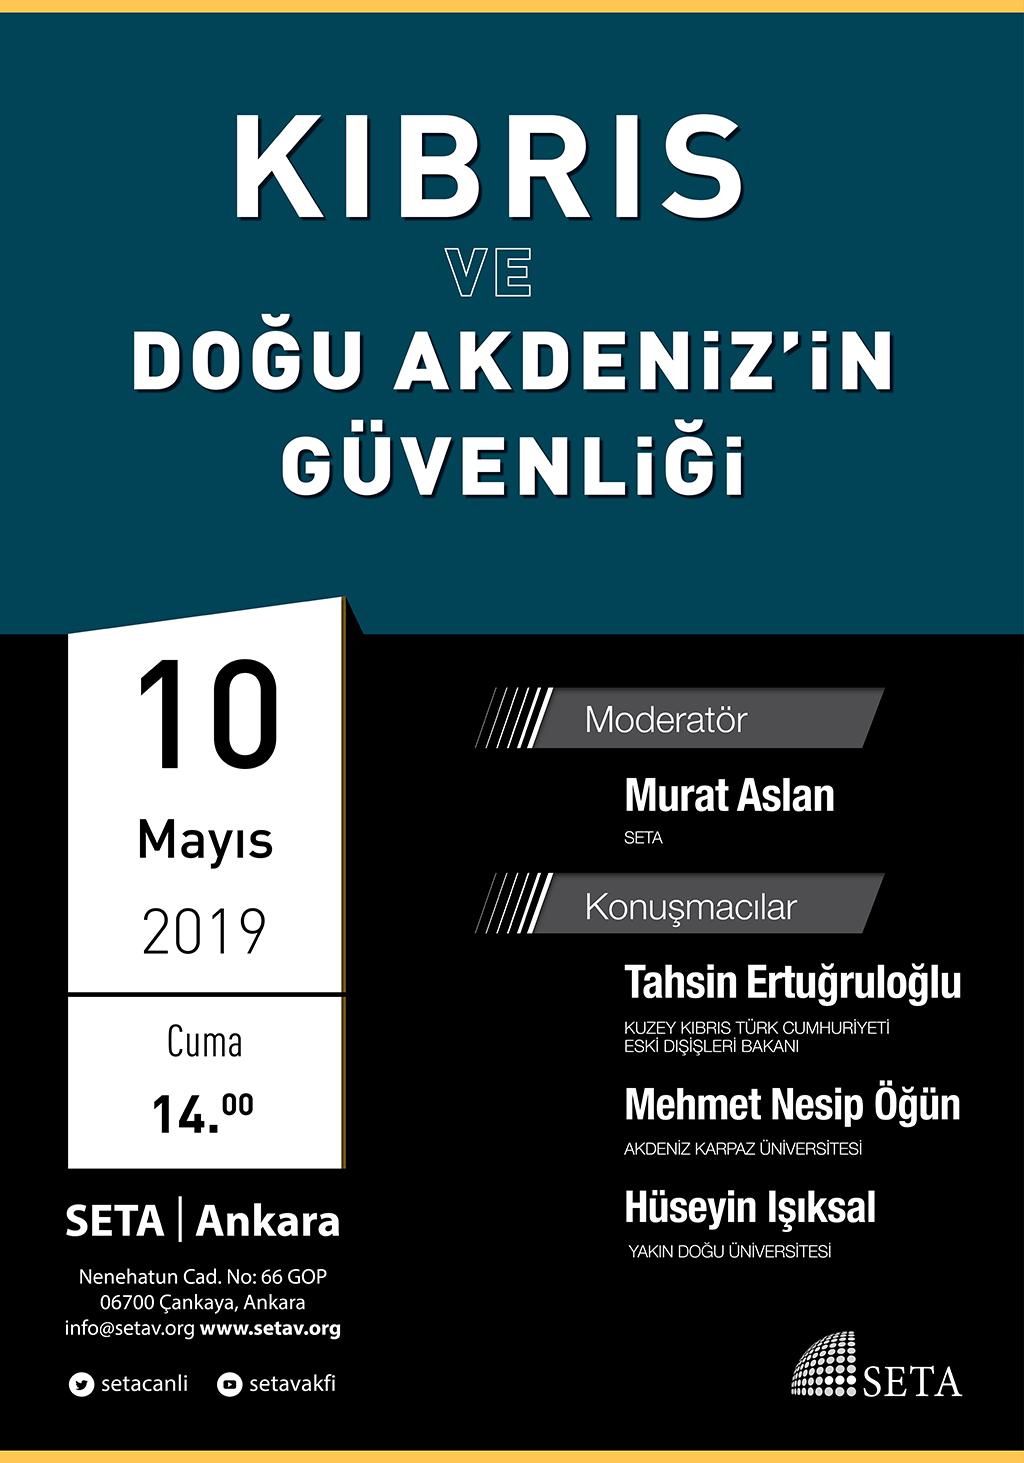 Panel: Kıbrıs ve Doğu Akdeniz'in Güvenliği